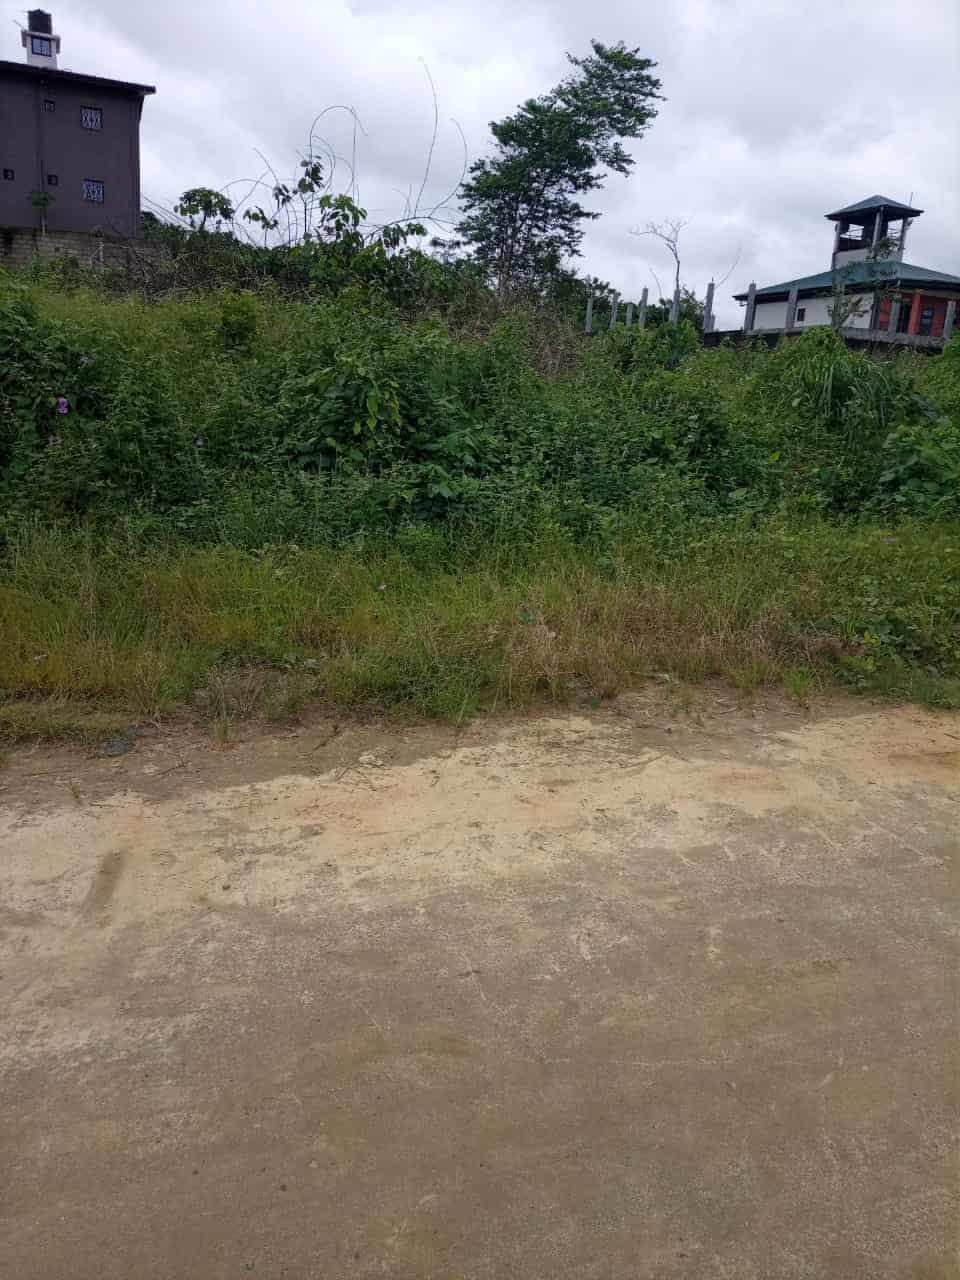 Land for sale at Douala, Yassa, Derrière le stade - 2040 m2 - 183 600 000 FCFA